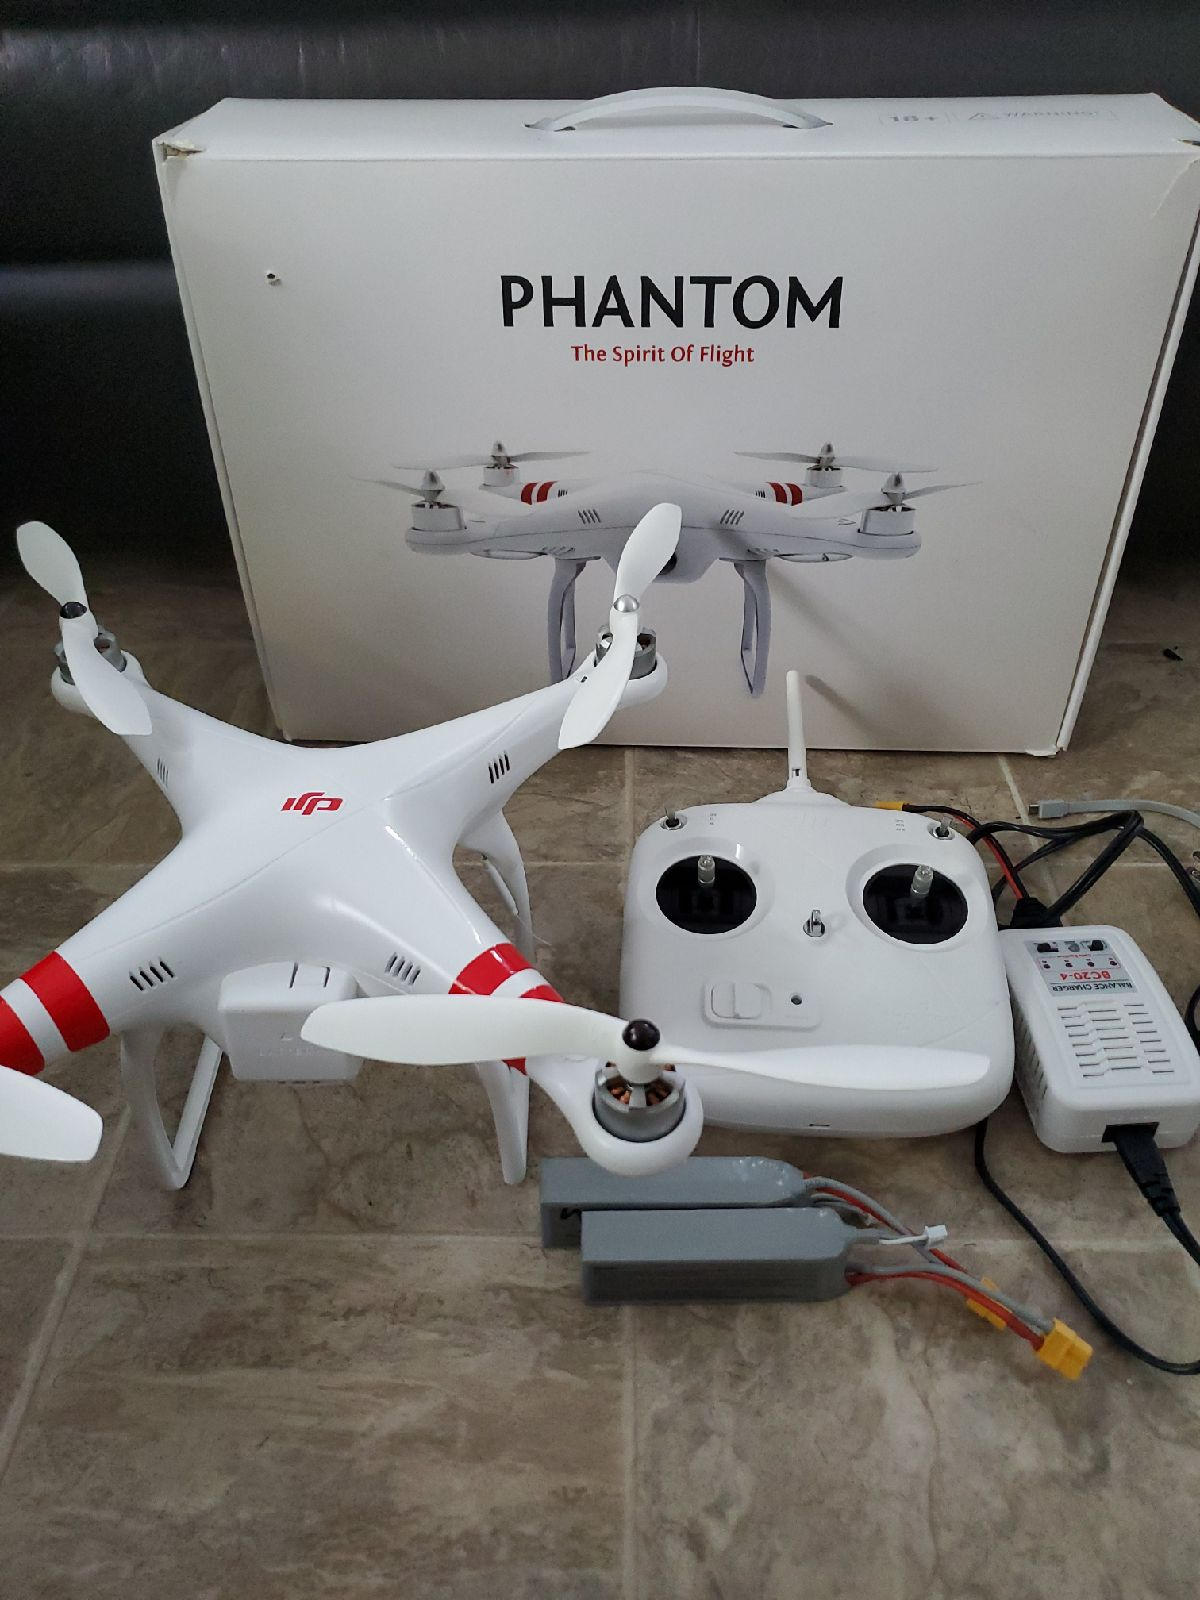 DJI Phantom 1 Drone